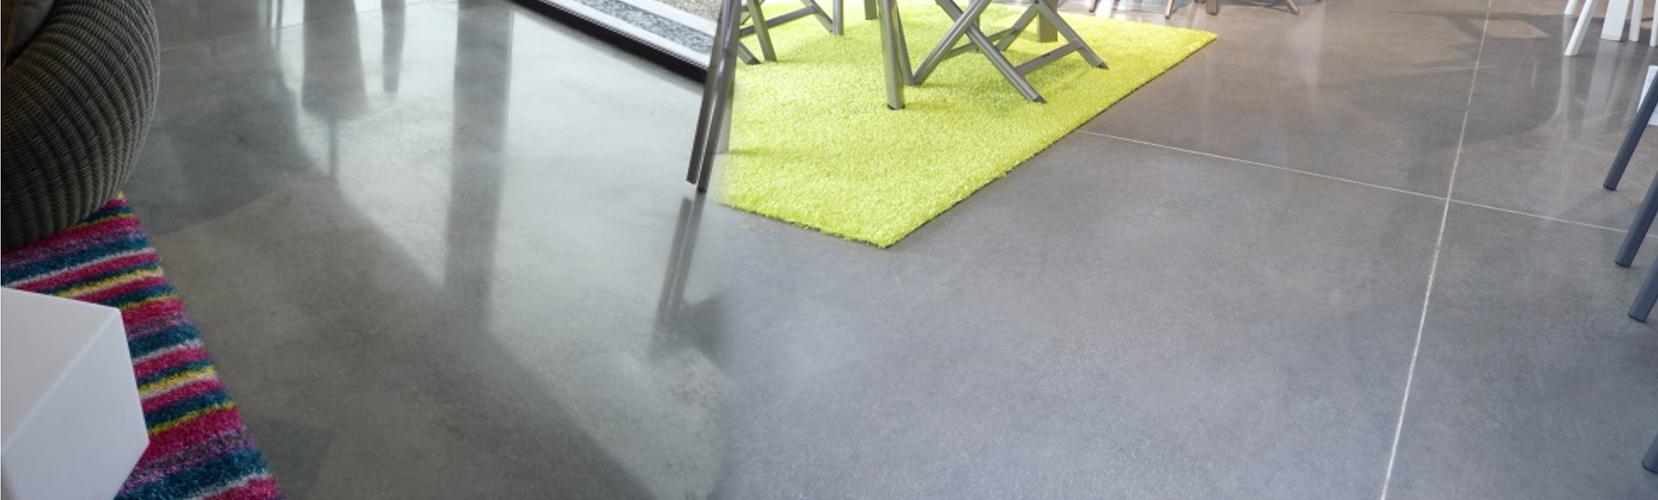 polir du beton best cuve beton aquitaine with polir du beton good dcouvrez notre nouvelle. Black Bedroom Furniture Sets. Home Design Ideas